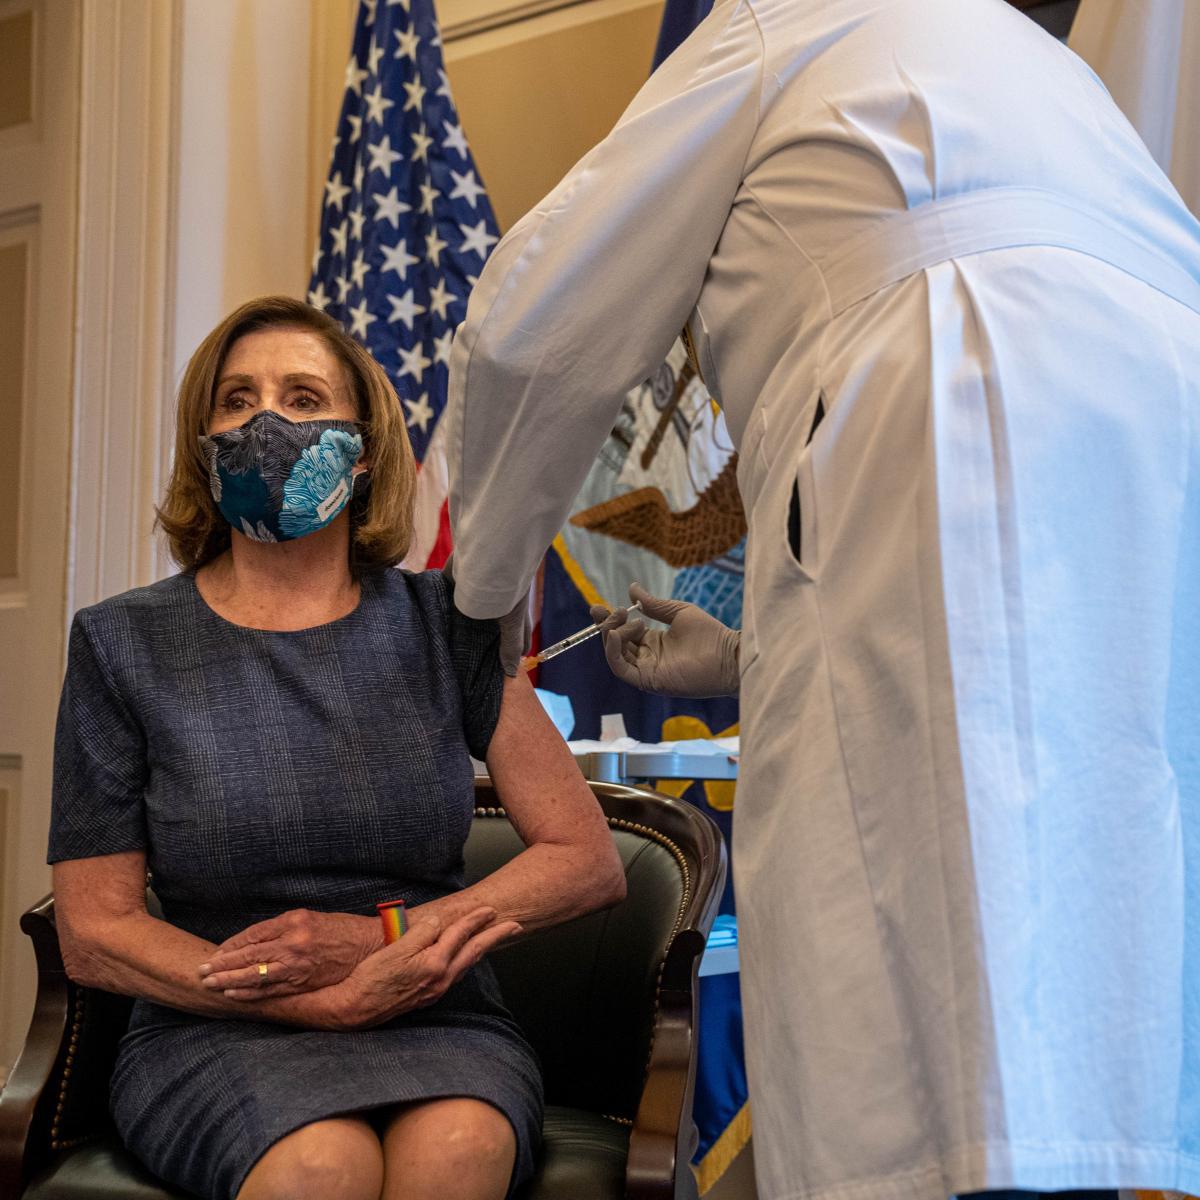 تطعيم رئيسة مجلس النواب الأميركي نانسي بيلوسي (كين سيدينو/ Getty)